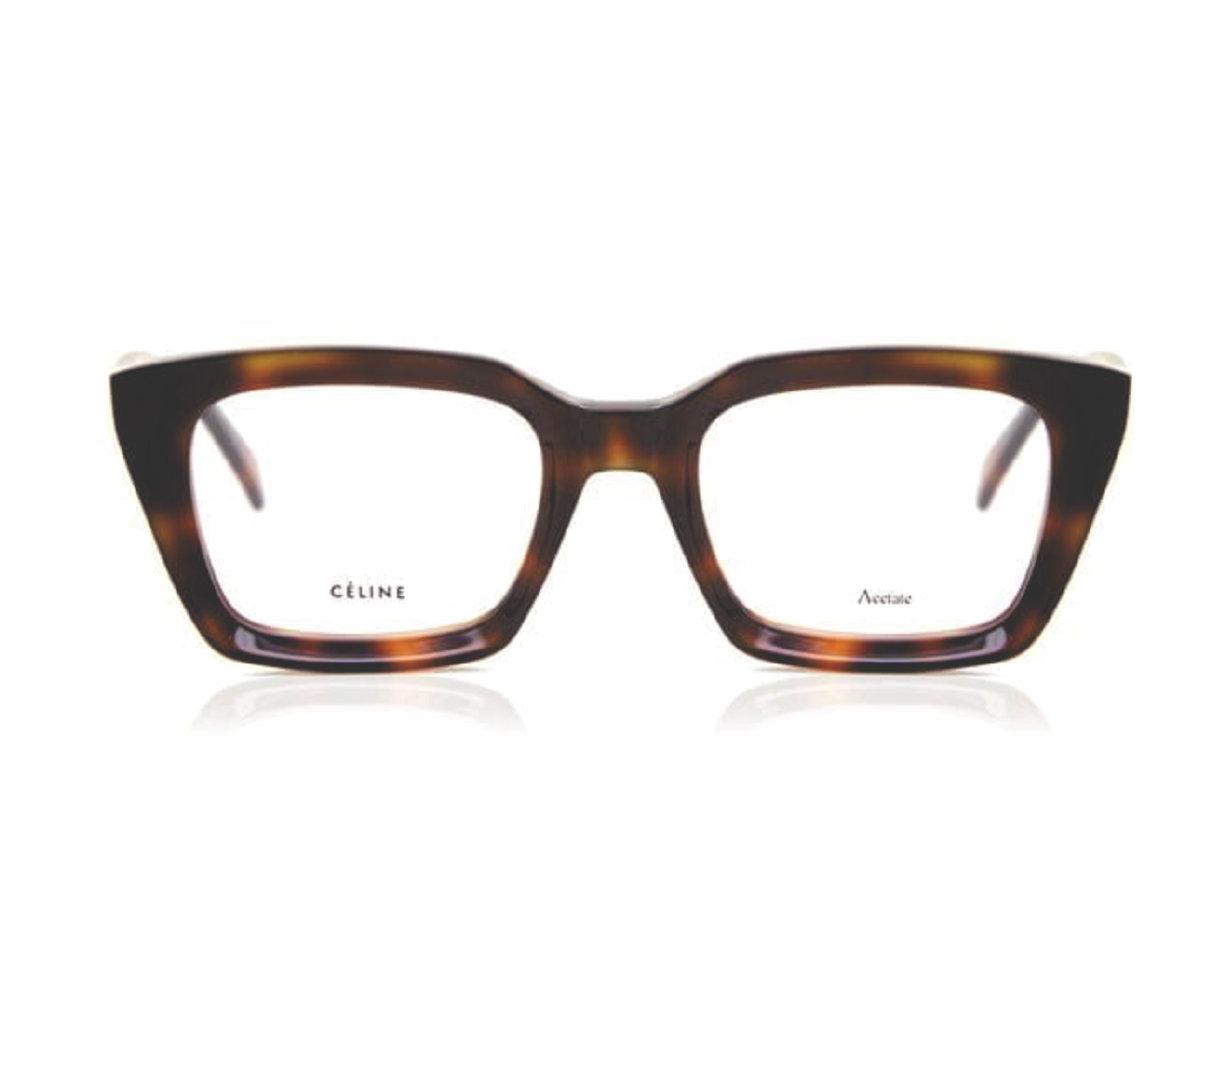 Neue Brille kombiniert mit Sehtest